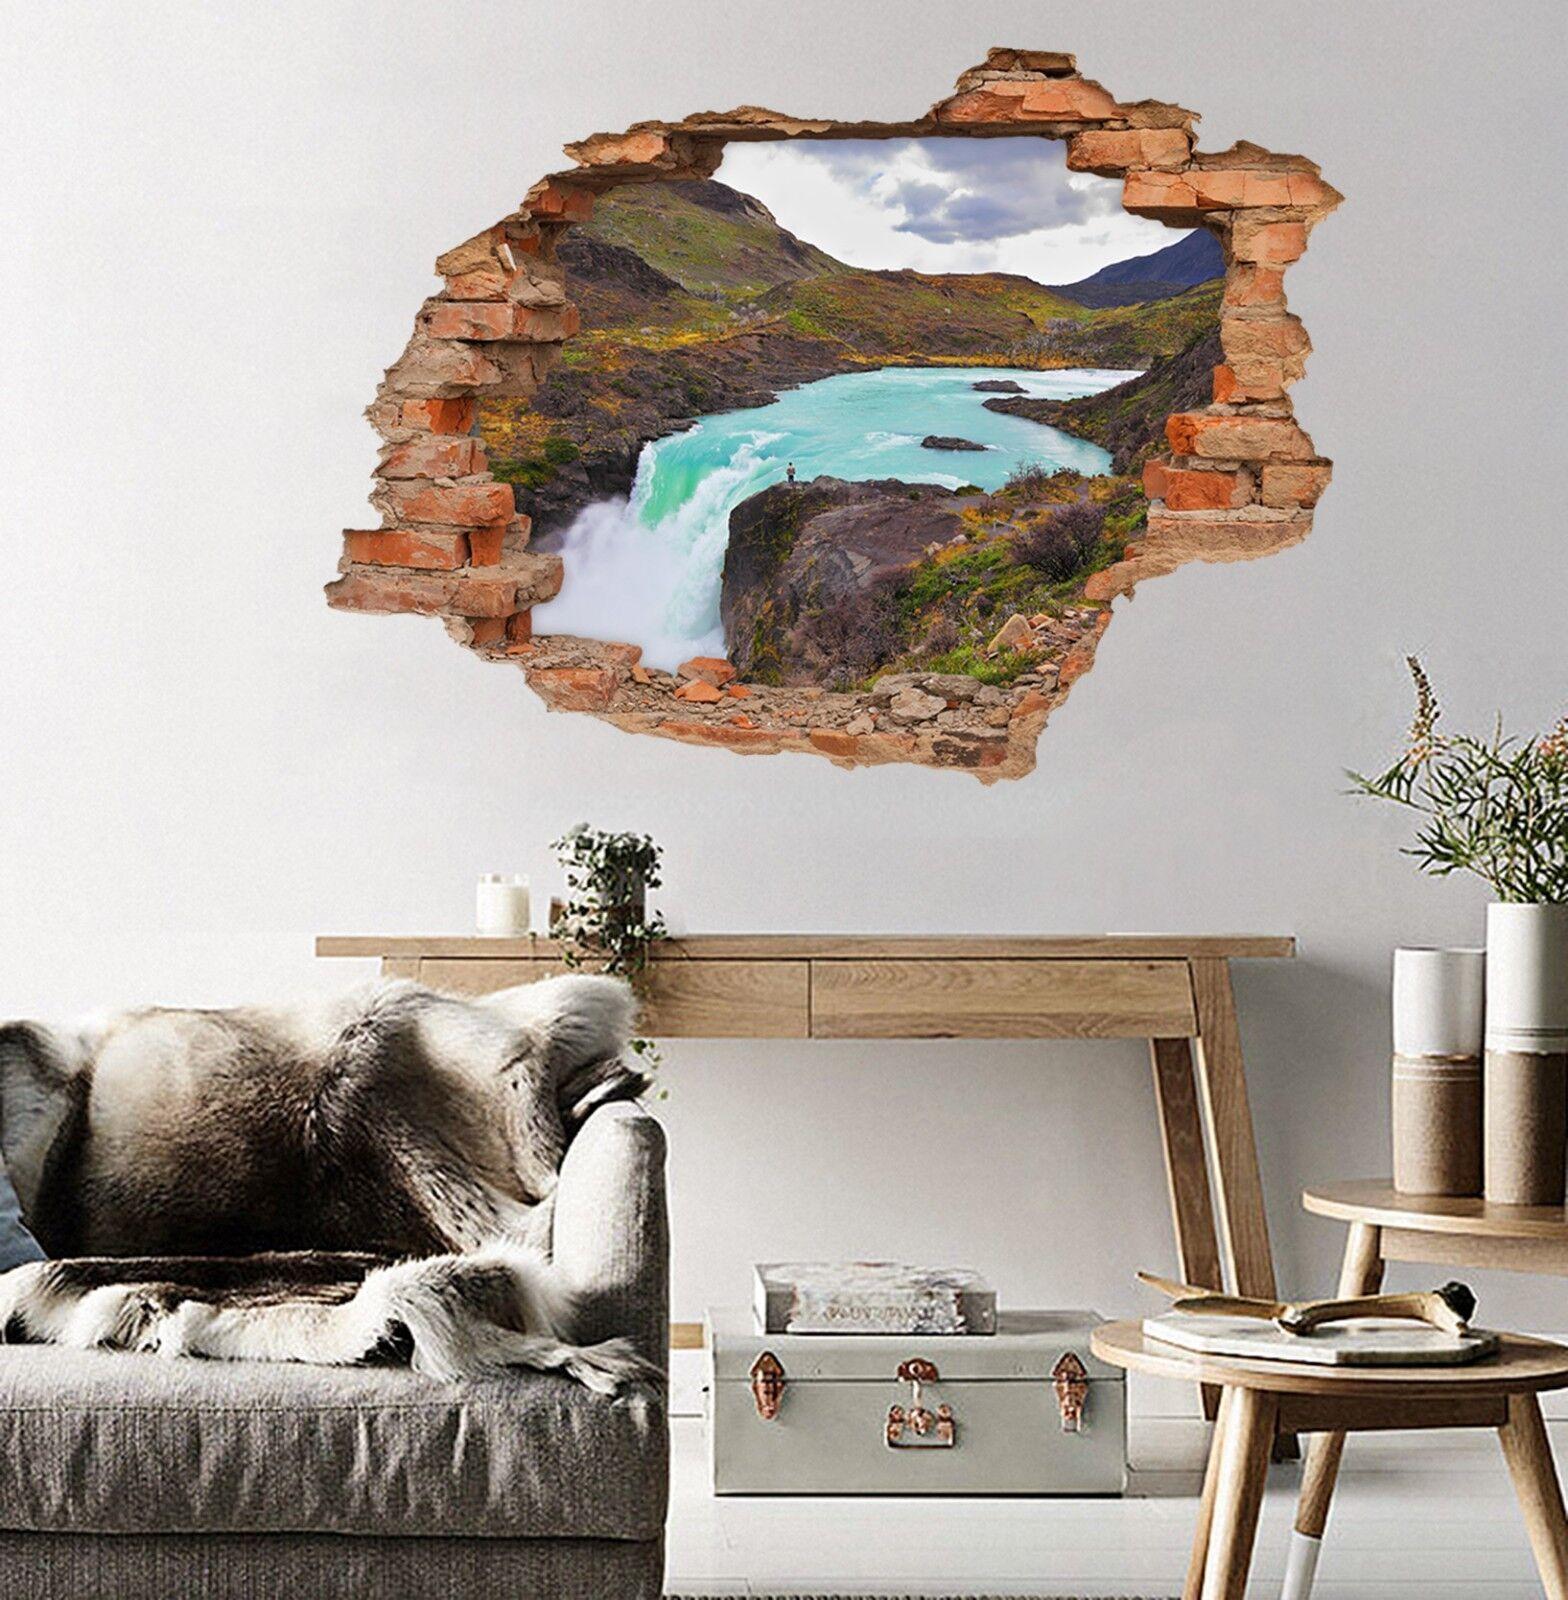 3D Wasserfall 146 Mauer Murals Mauer Aufklebe Decal Durchbruch AJ WALLPAPER DE